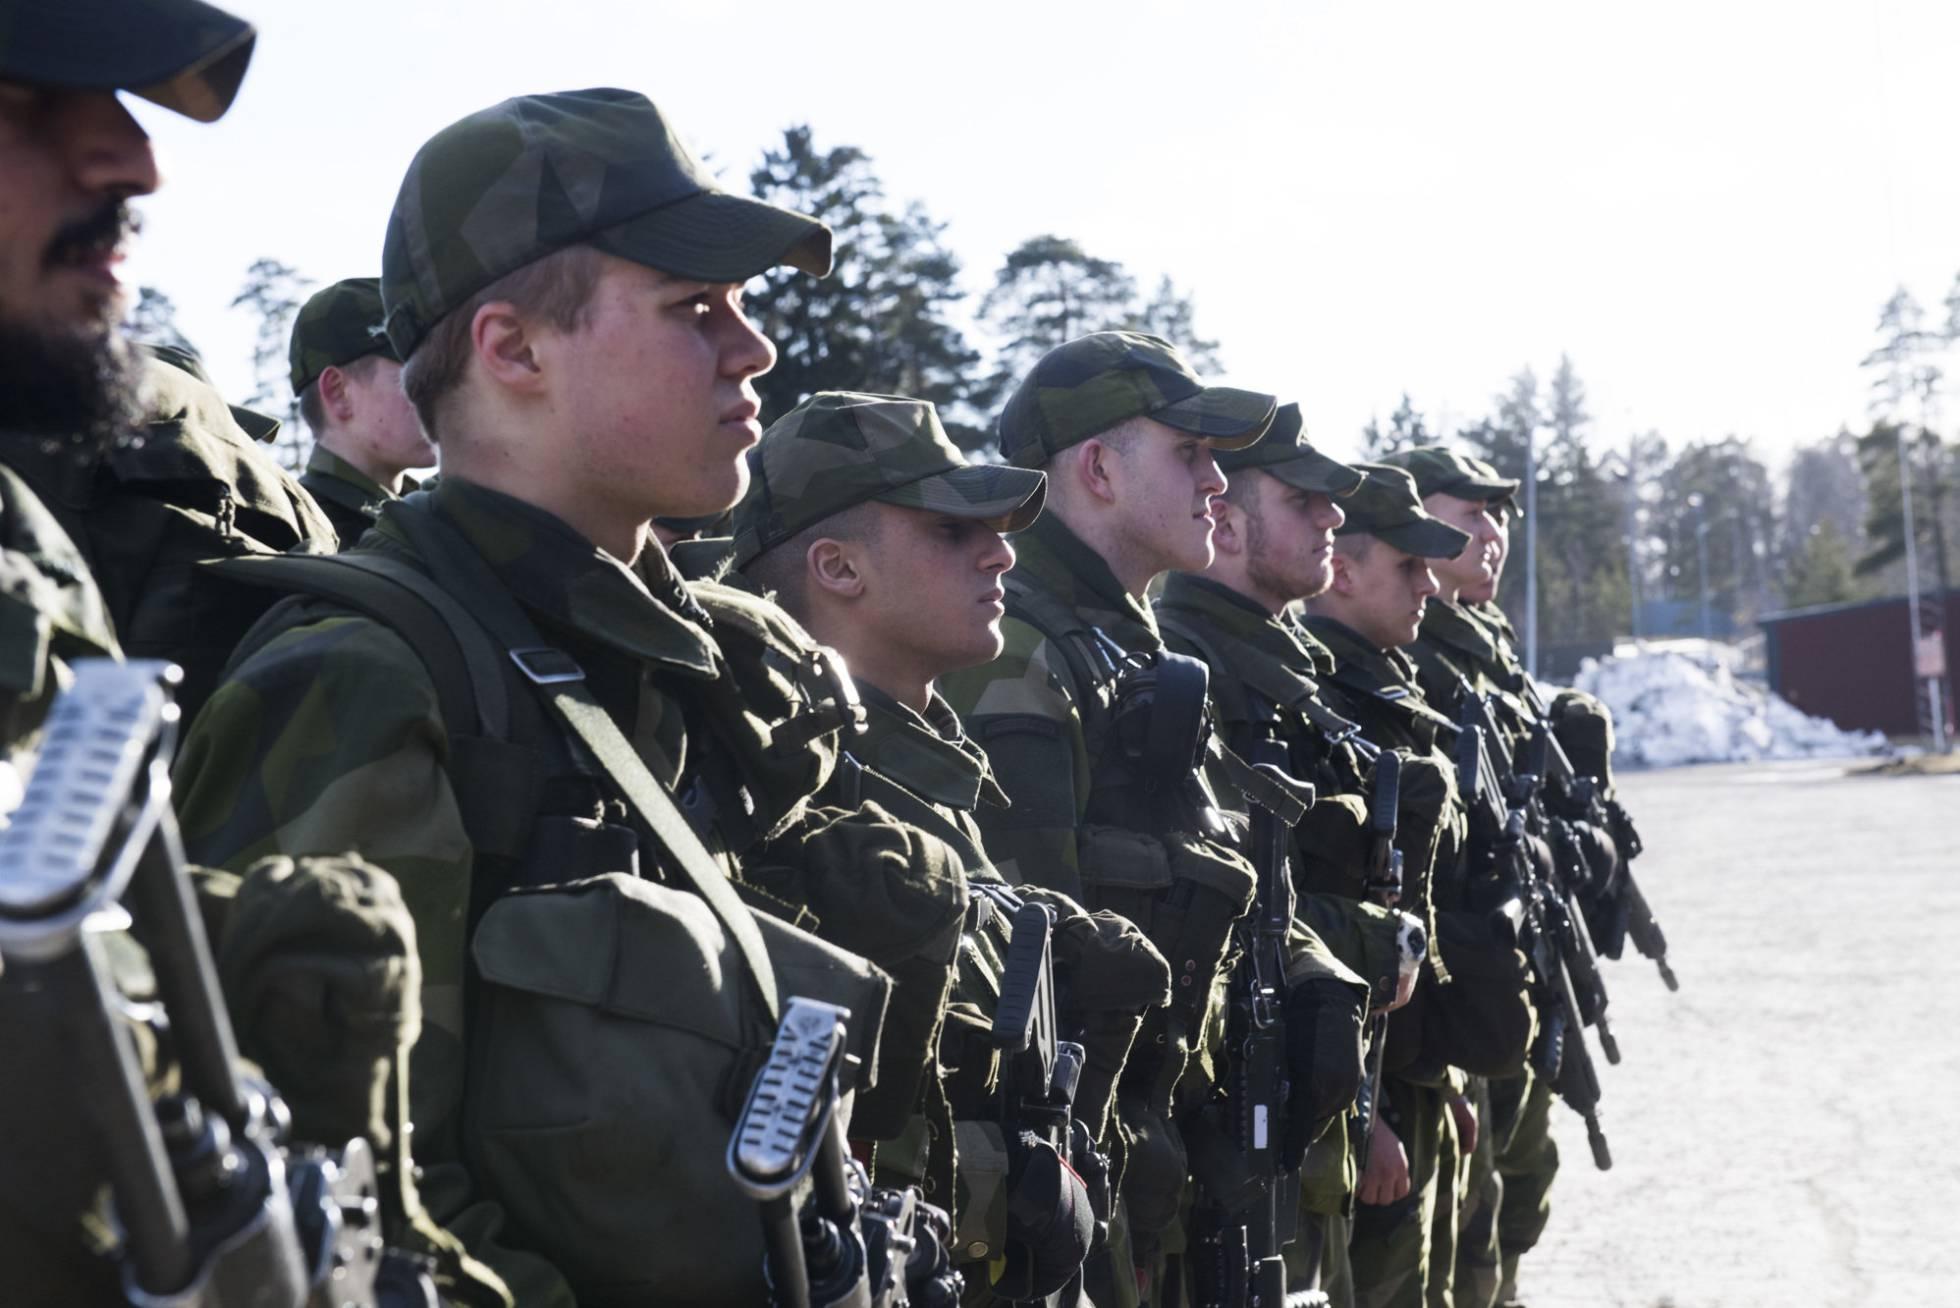 militar - Los países nórdicos estrechan su cooperación militar frente a Rusia - Página 2 1488546526_862352_1488554138_noticia_normal_recorte1